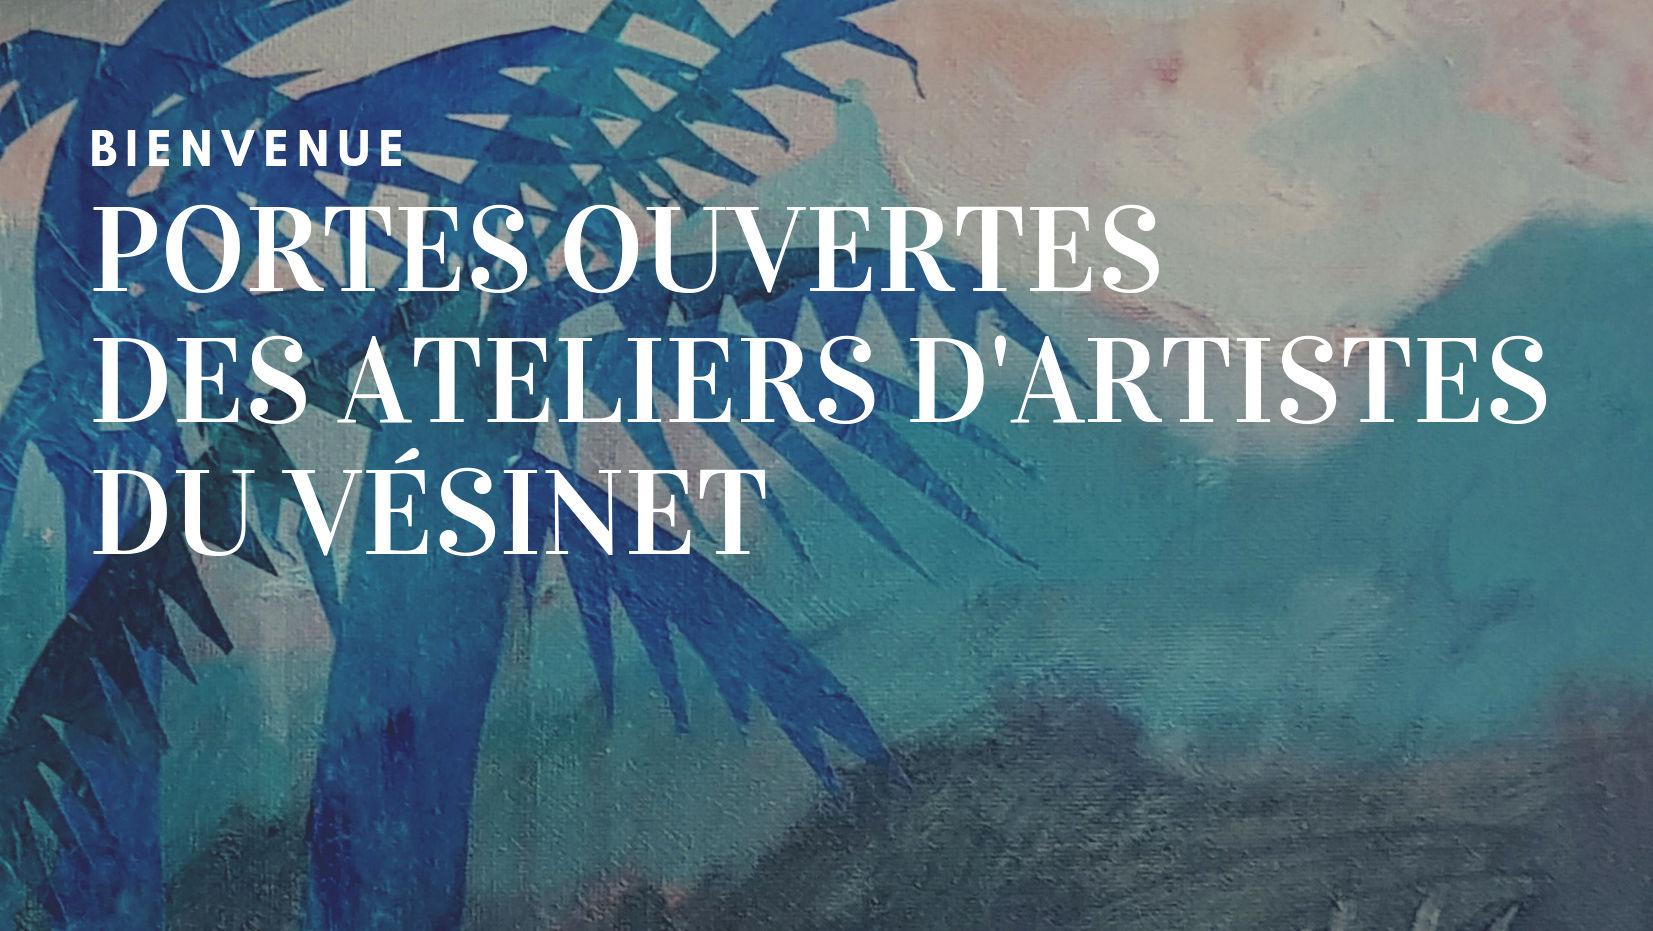 Portes ouvertes ateliers d'artistes du Vésinet